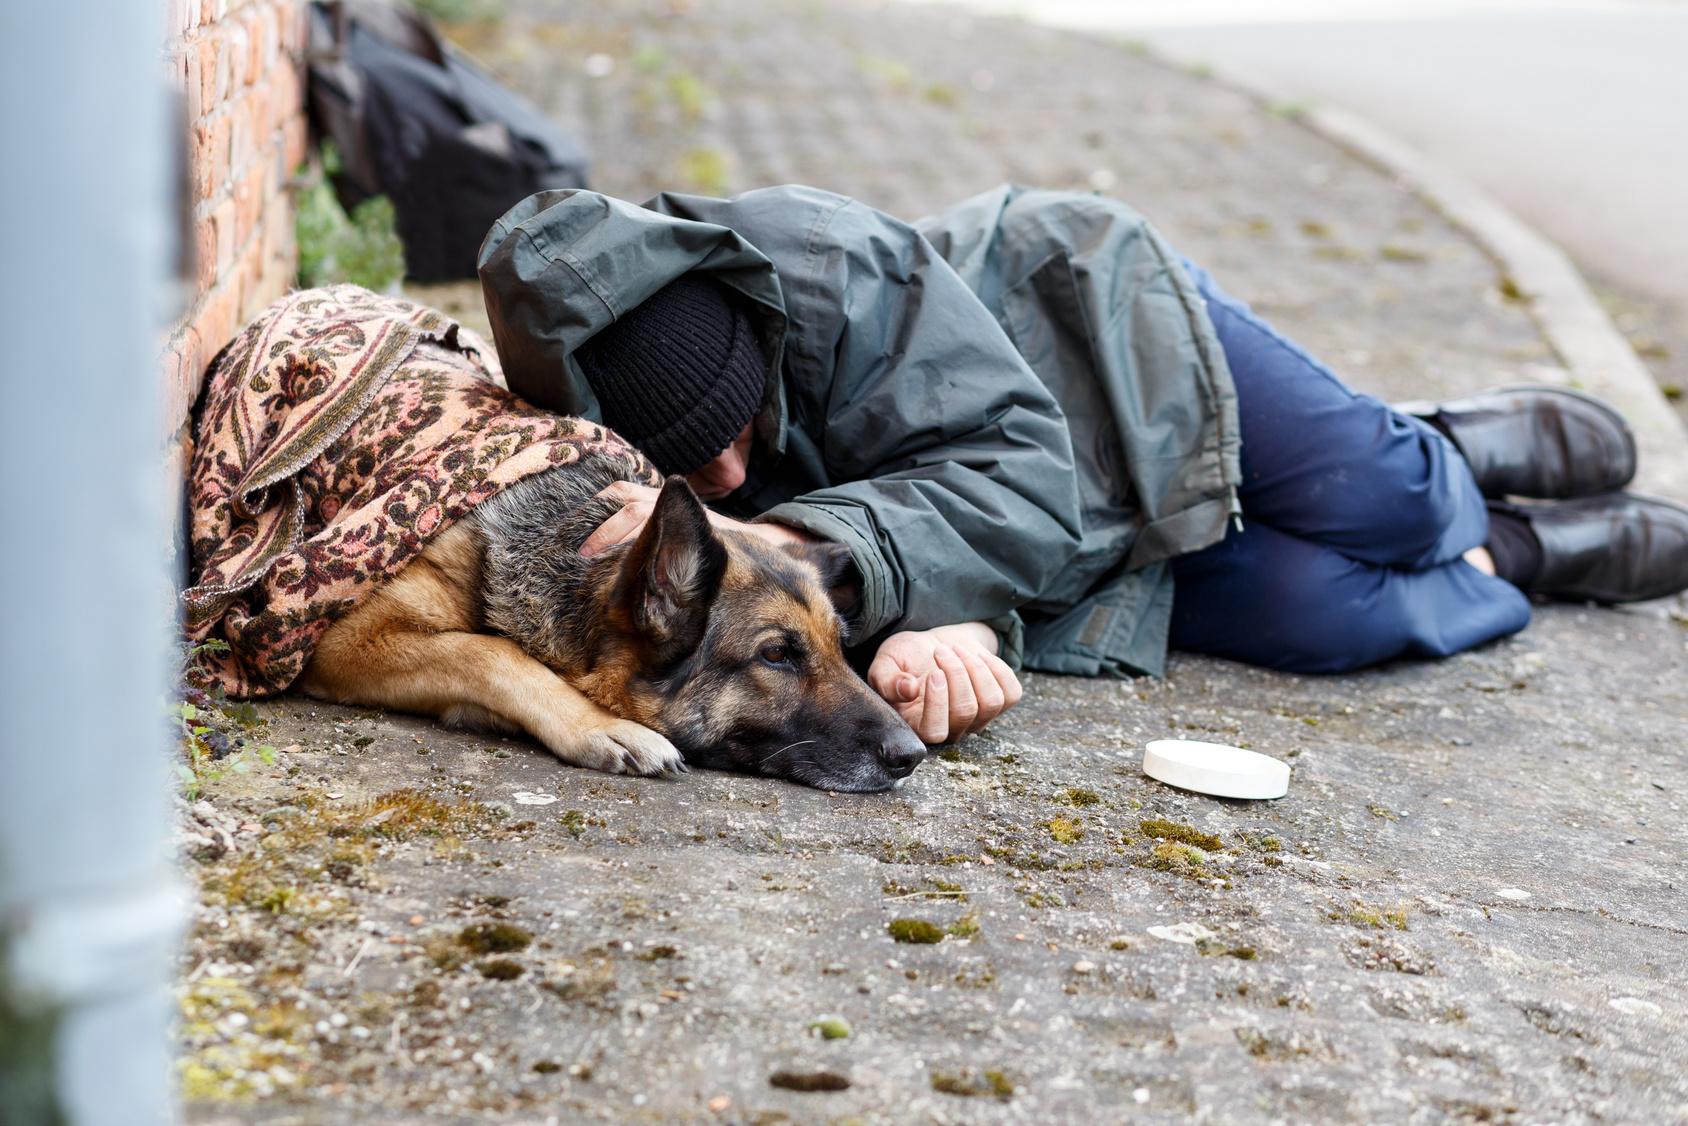 Obdachlose mit Hunden Werden die Vierbeiner betäubt